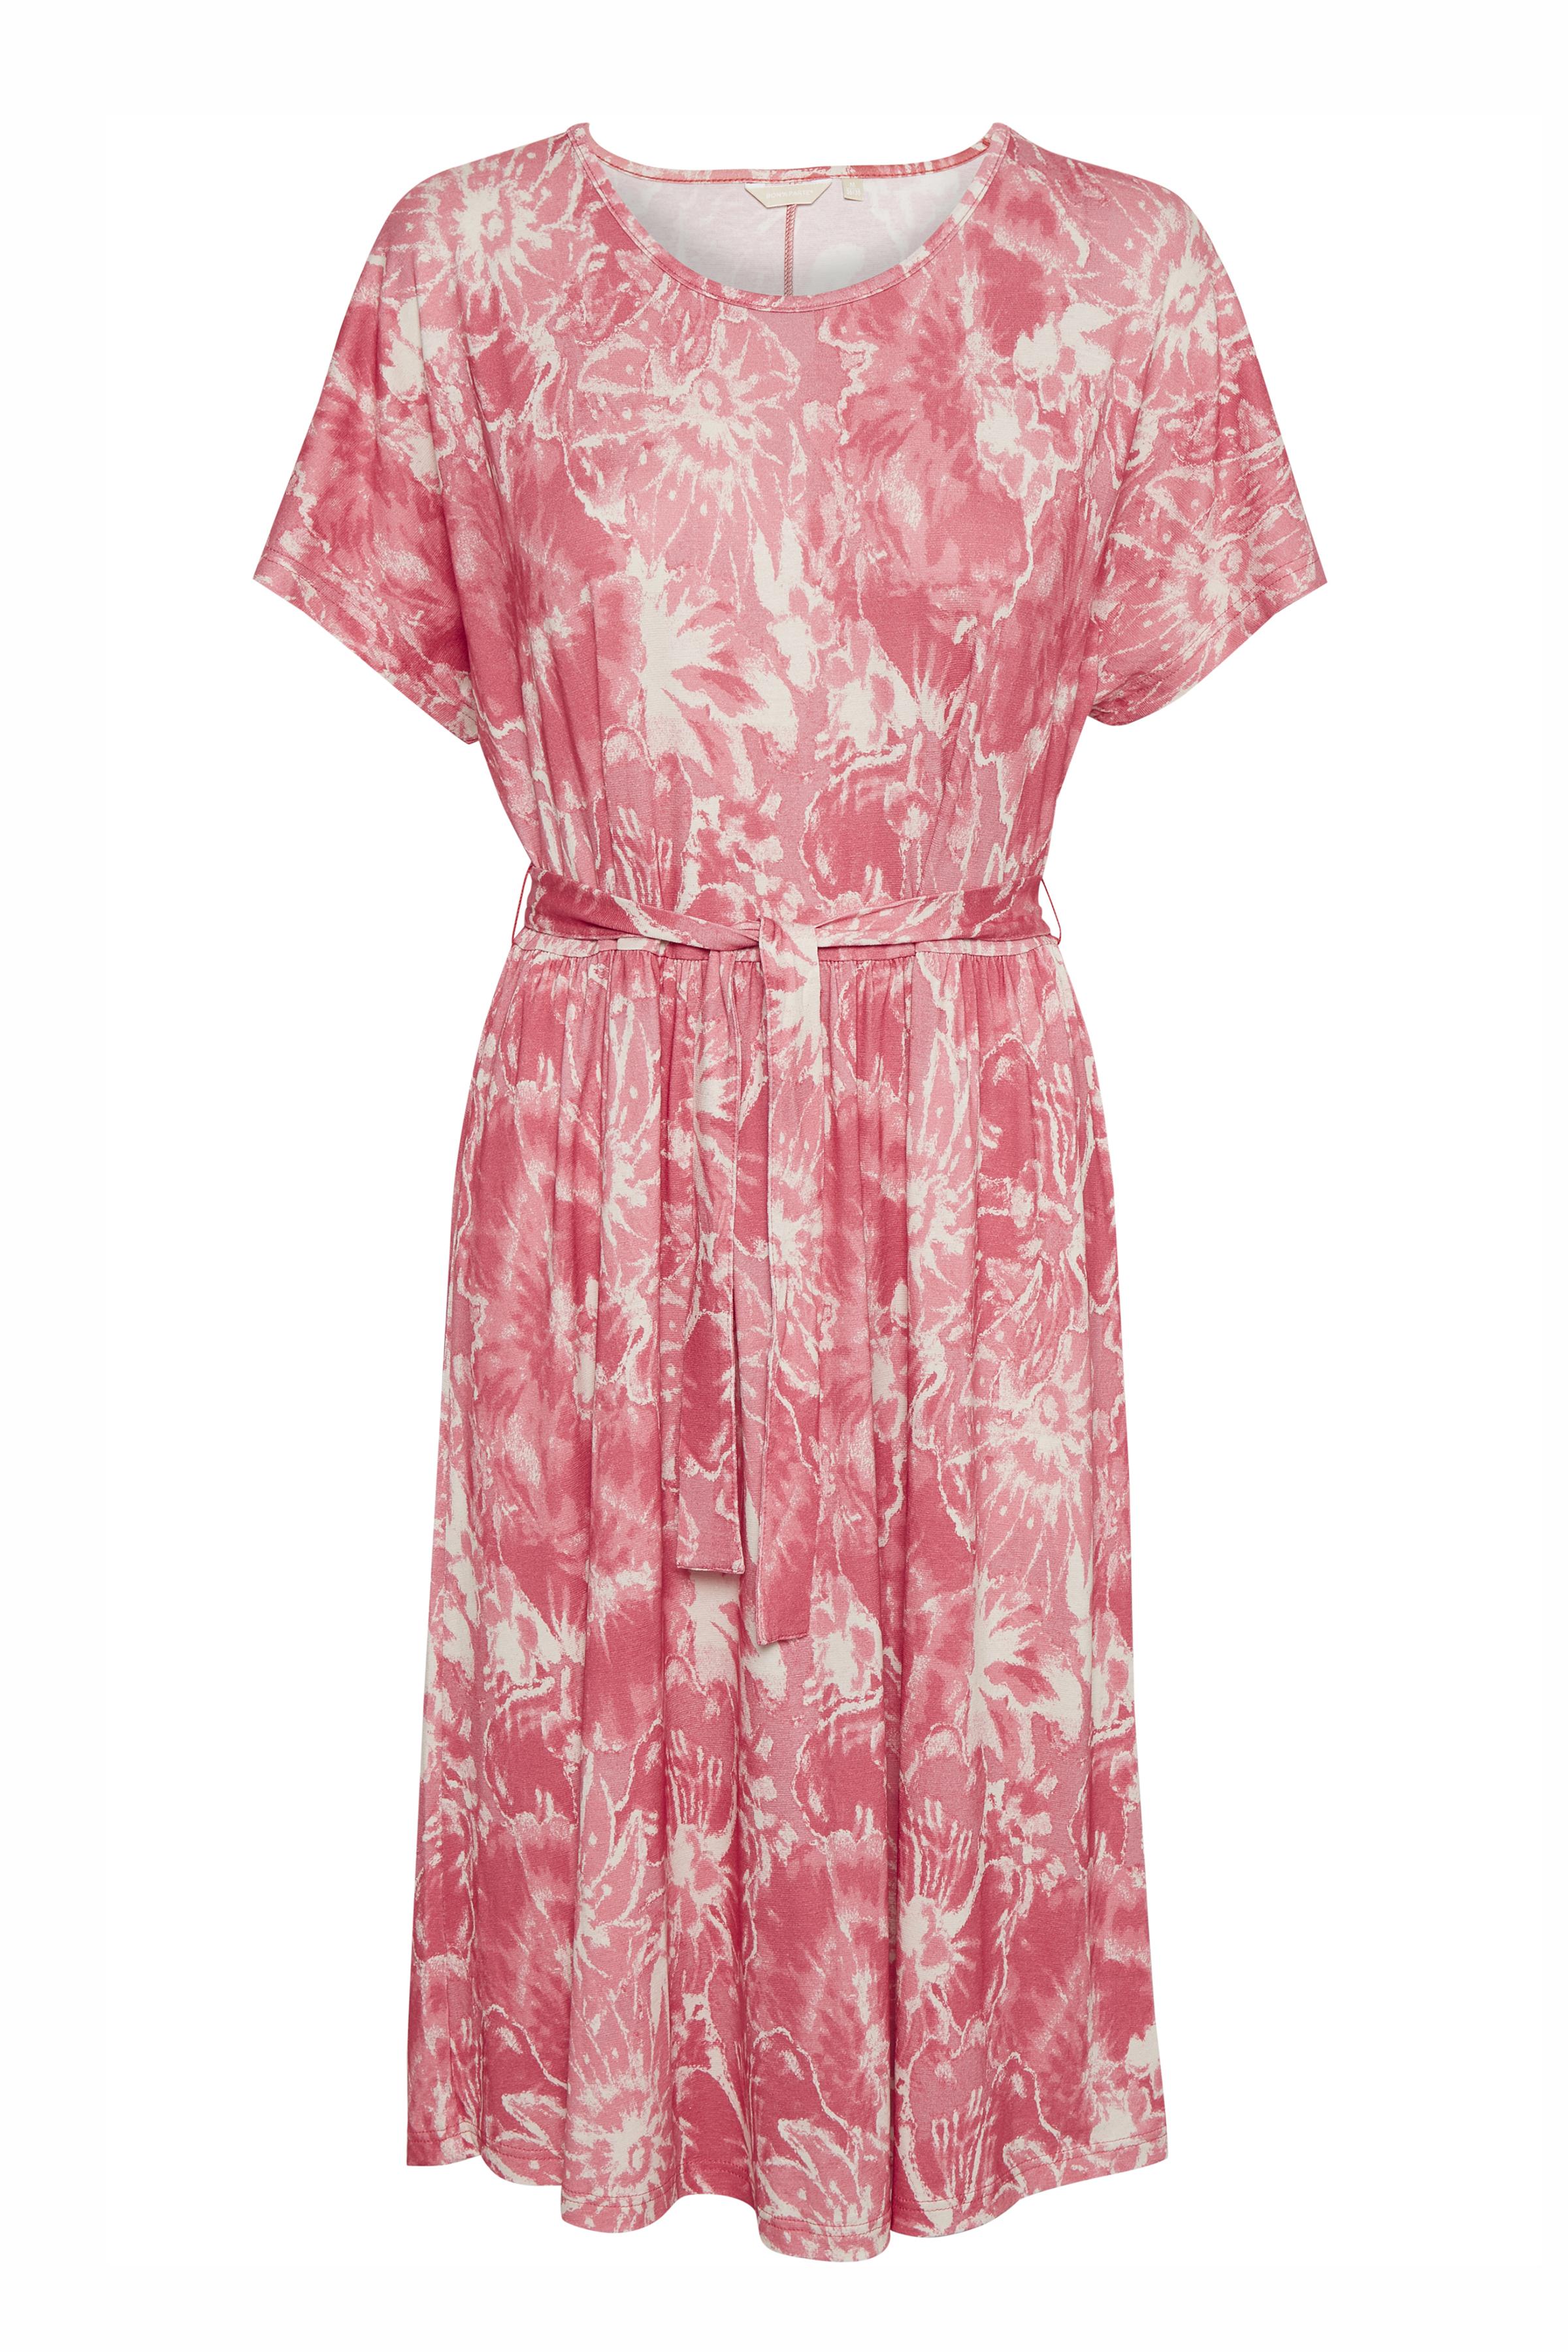 Image of BonA Parte Dame Blomstret kjole i let jerseykvalitet. Korte ærmer. Rund hals. Aftageligt bindebånd i taljen. Vidde - Støvet pink